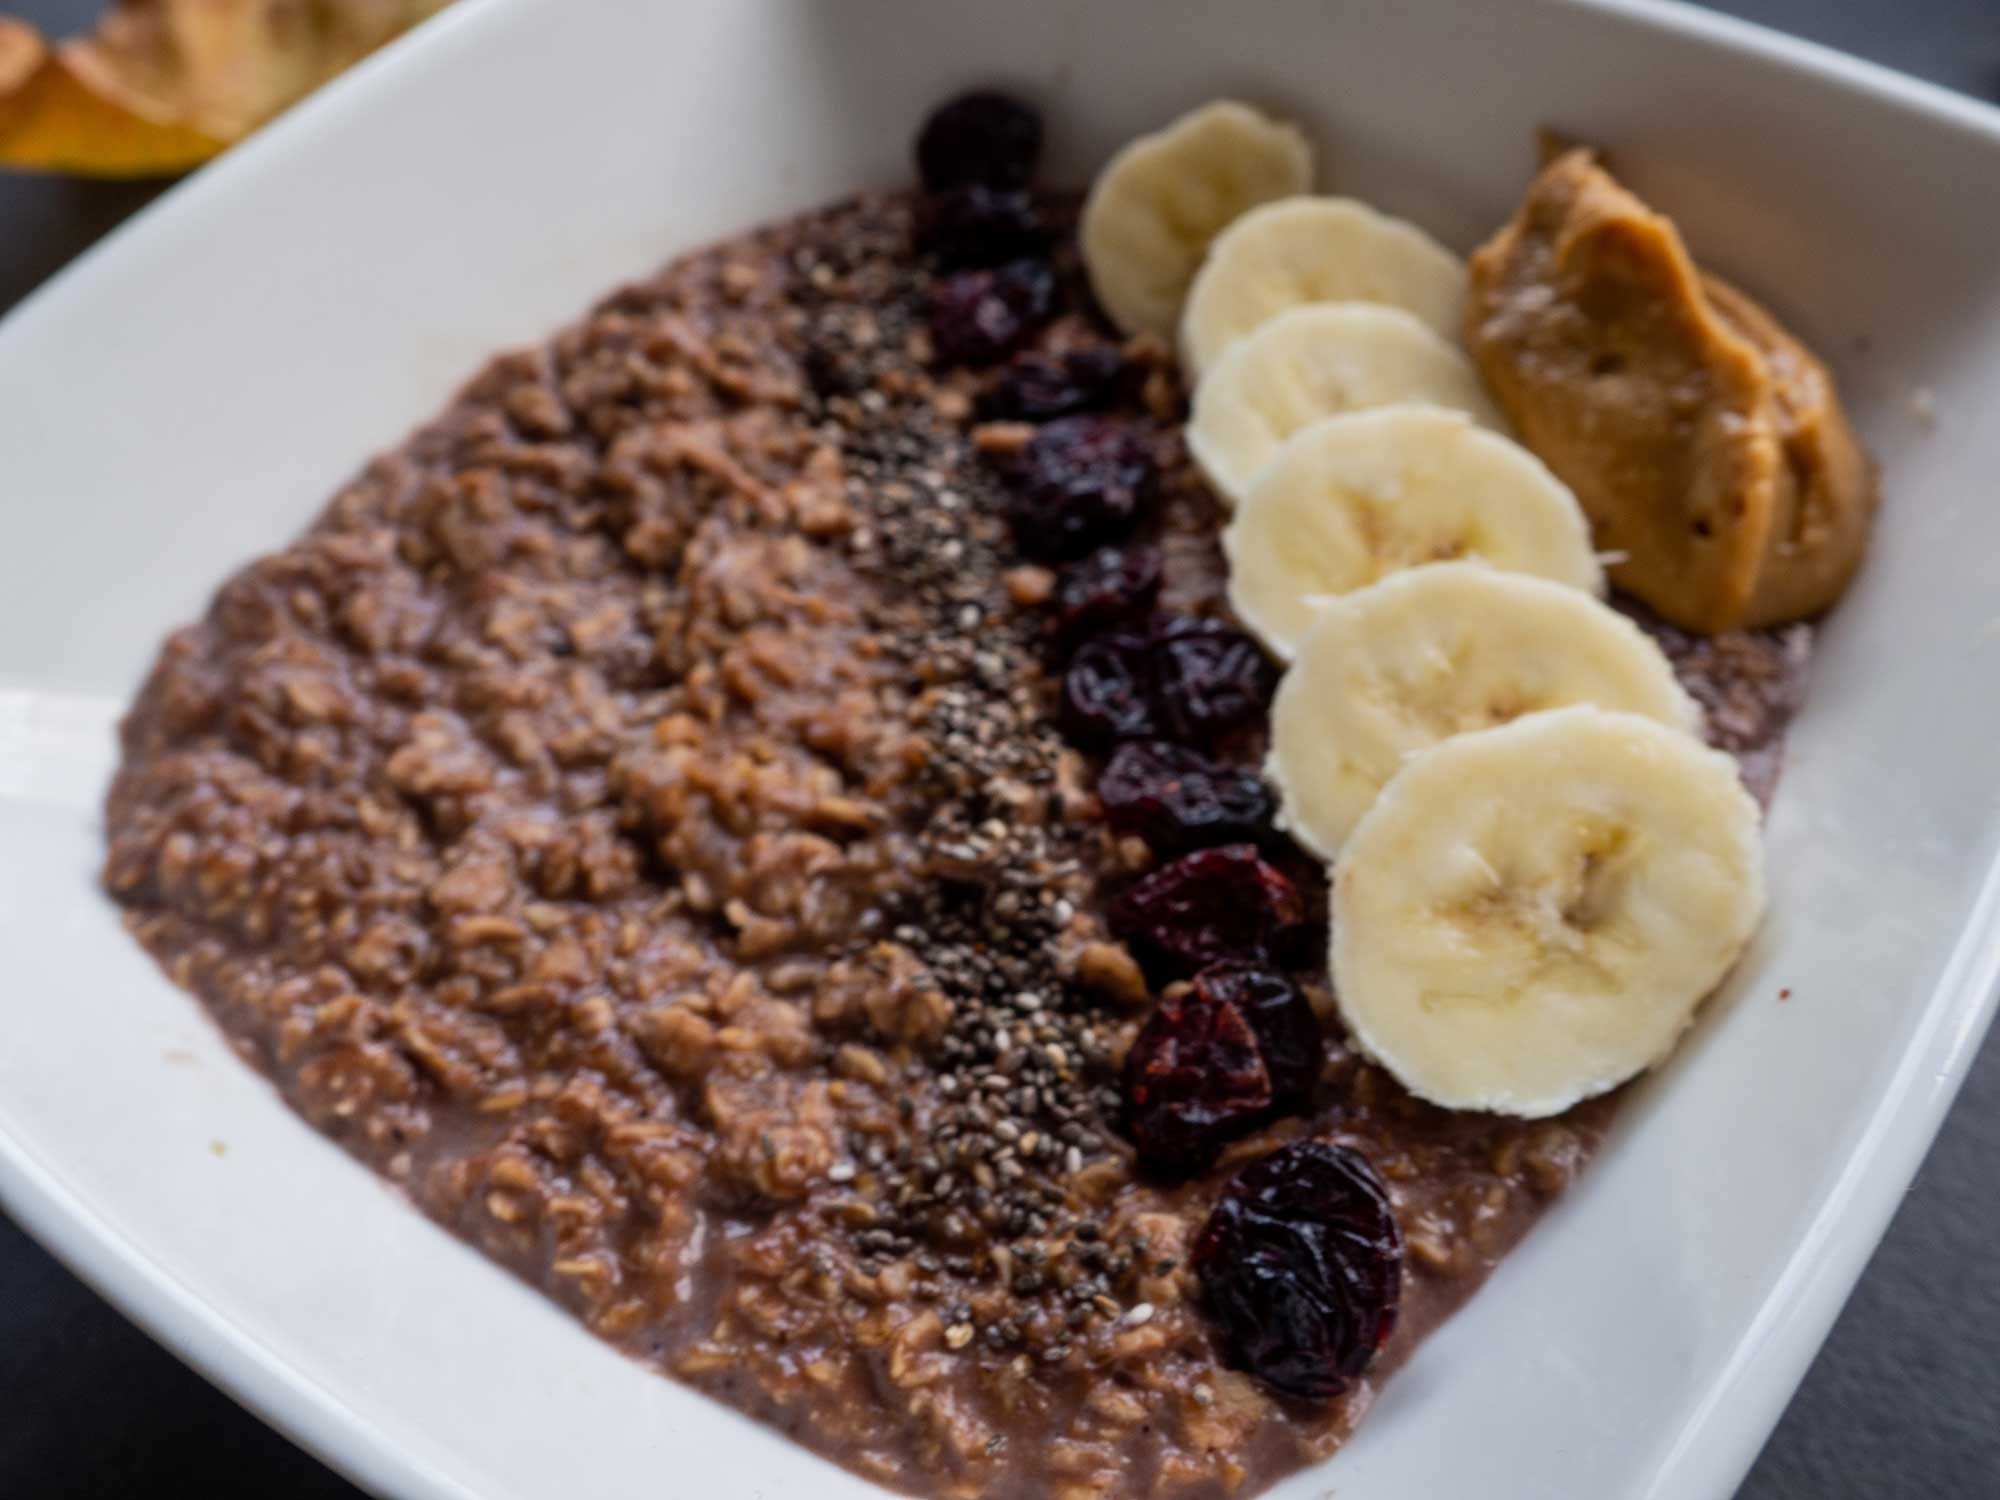 cocoa porridge